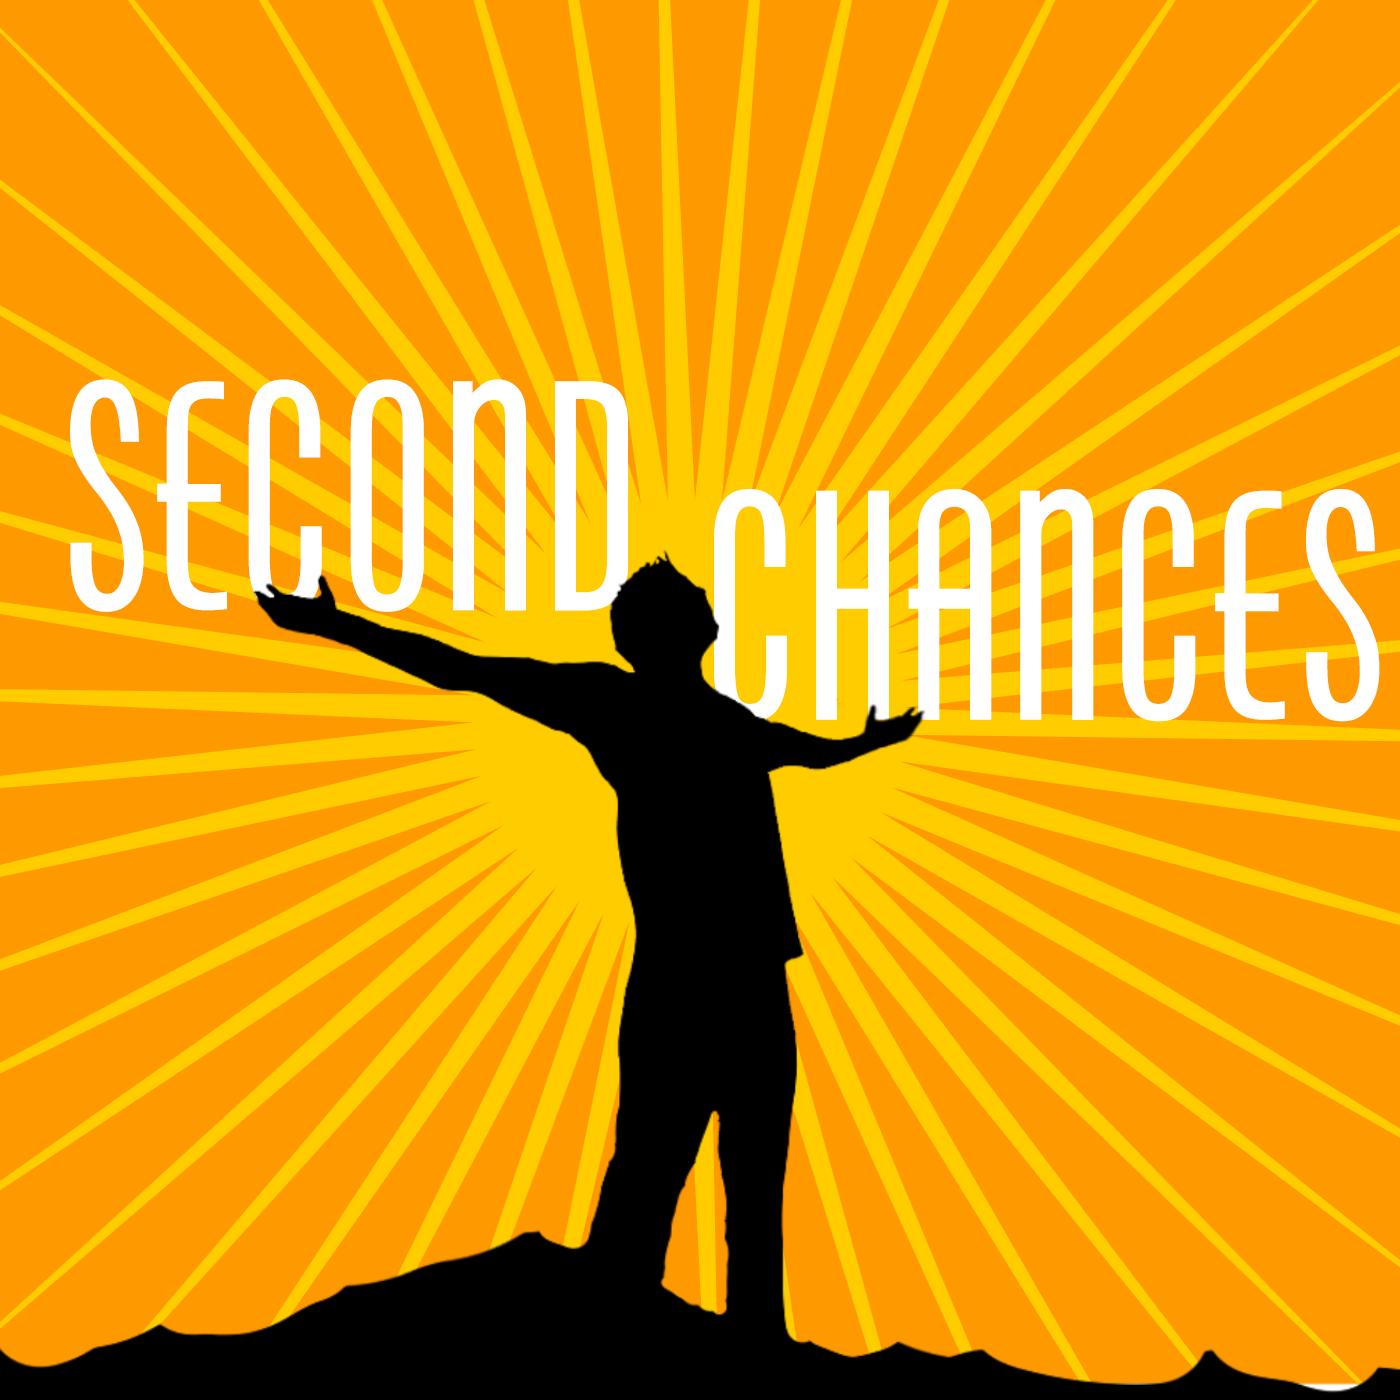 Jennifer Gimenez's Second Chance